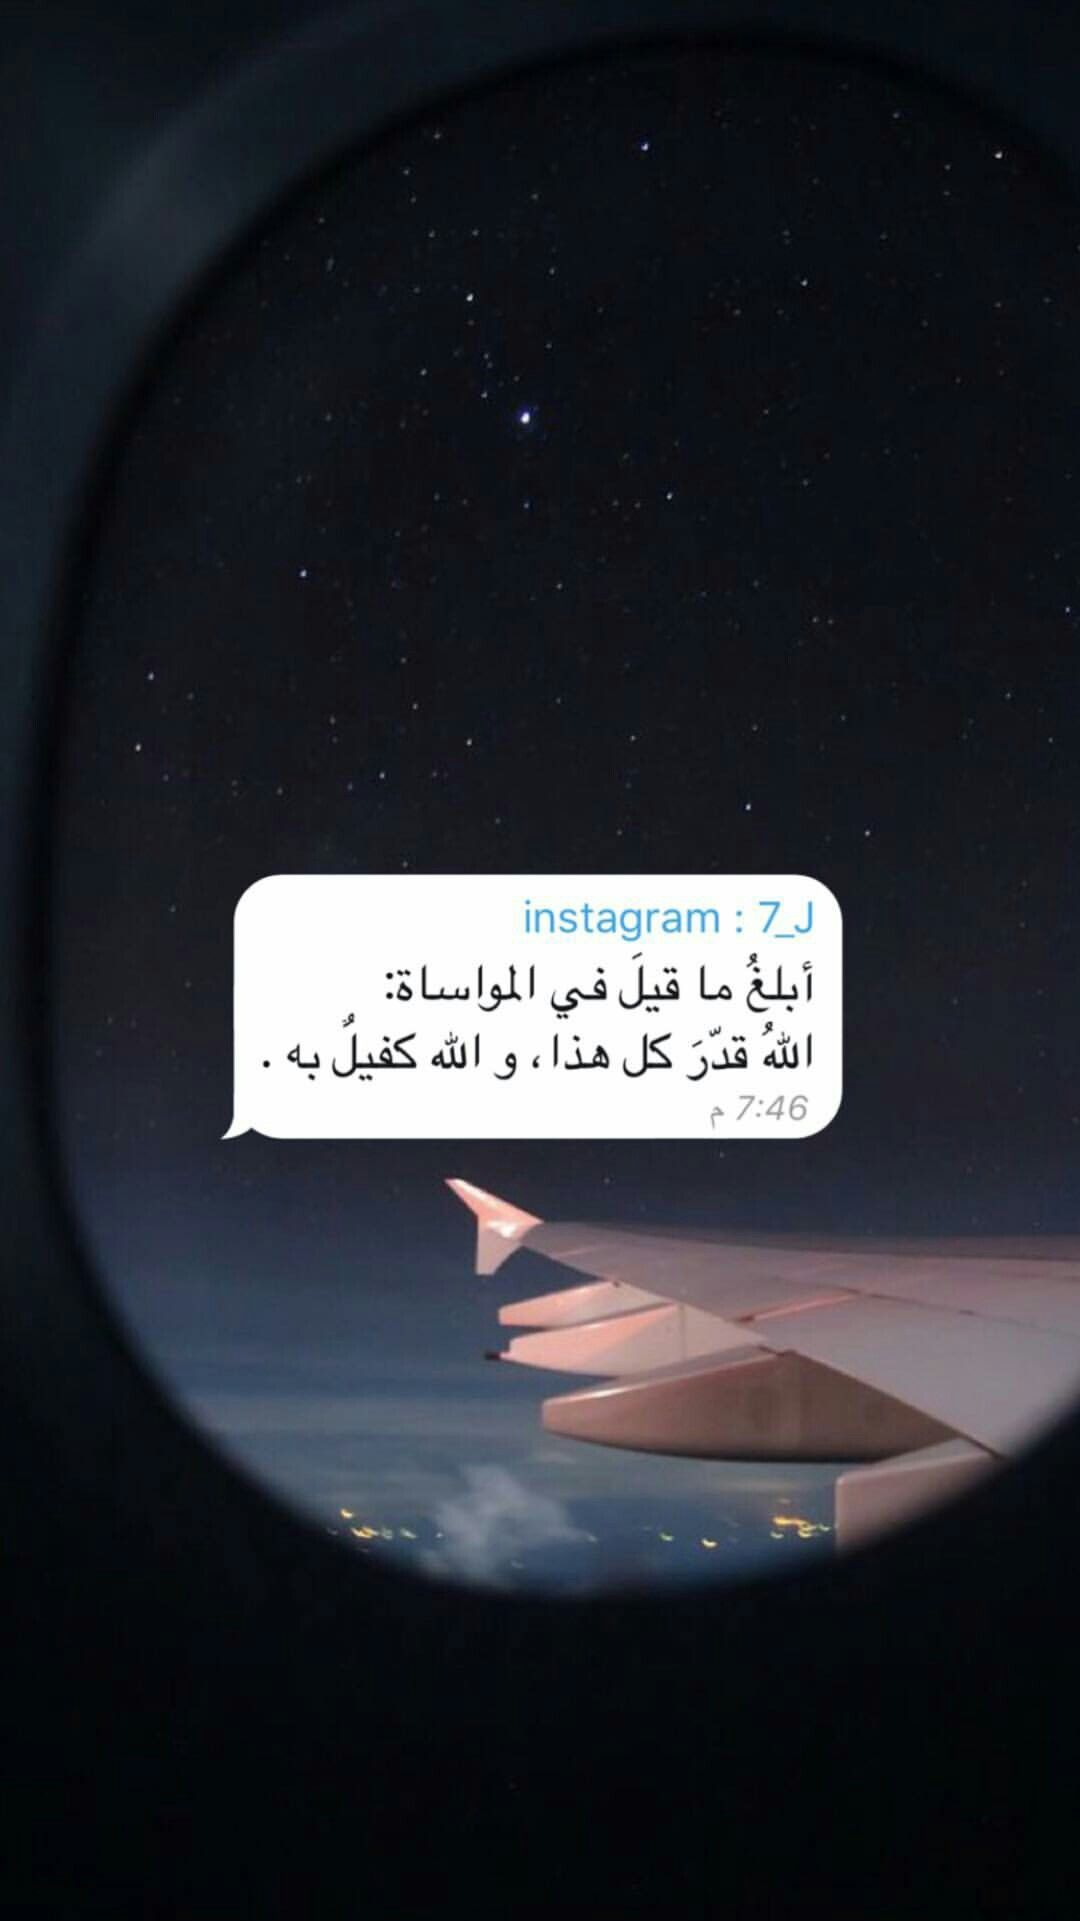 الل هم الطف بنا في ما قضيت ورضنا بما رضيت Funny Arabic Quotes Beautiful Arabic Words Arabic Love Quotes